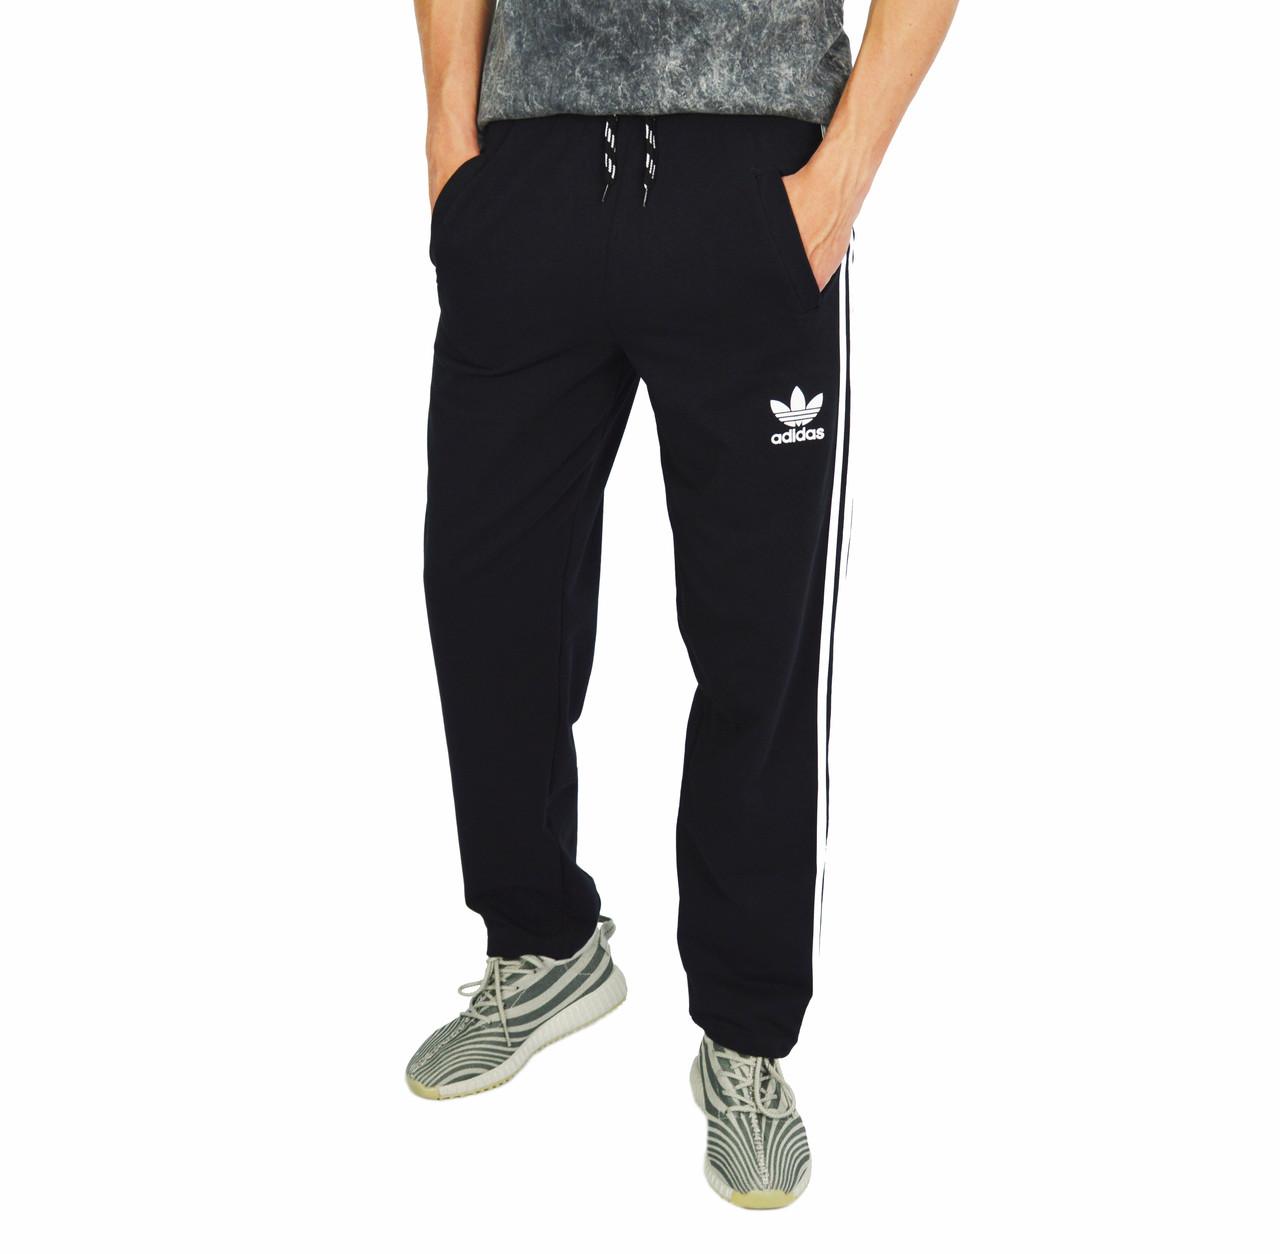 b231c7af Черные мужские спортивные трикотажные штаны ADIDAS : продажа, цена в ...